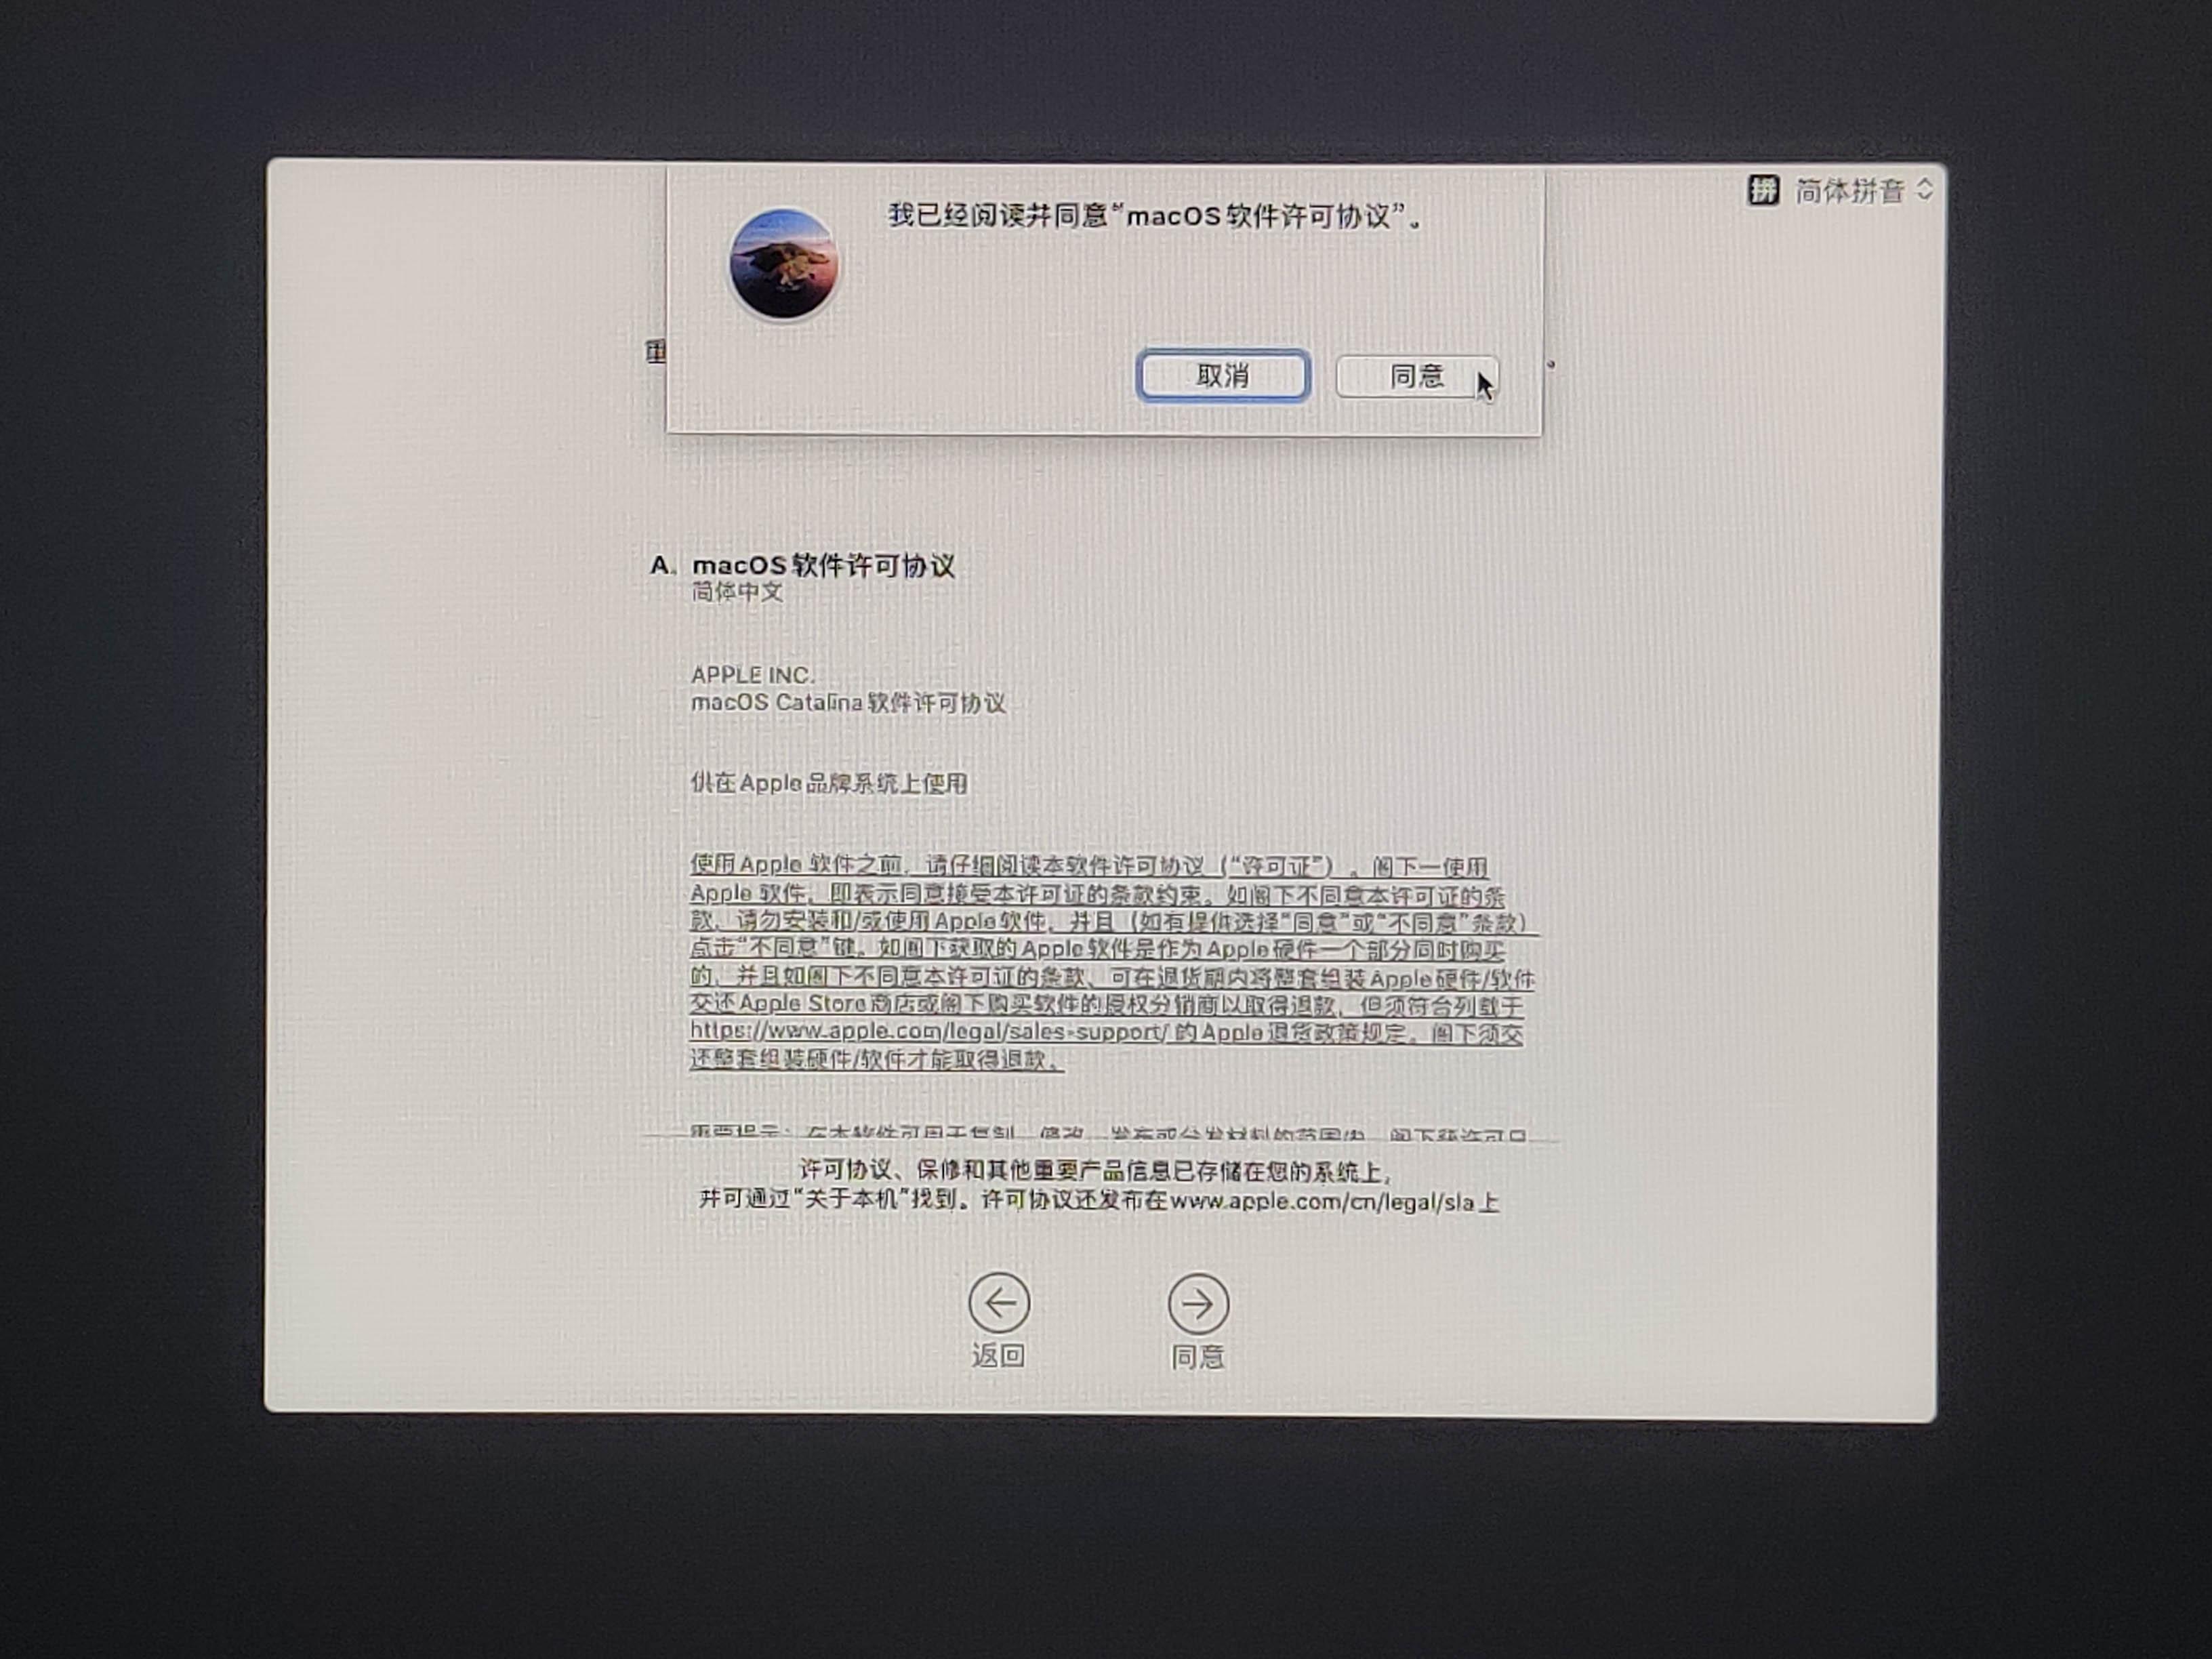 小米笔记本 Pro 如何安装 黑苹果 + Win10 双系统教程插图43